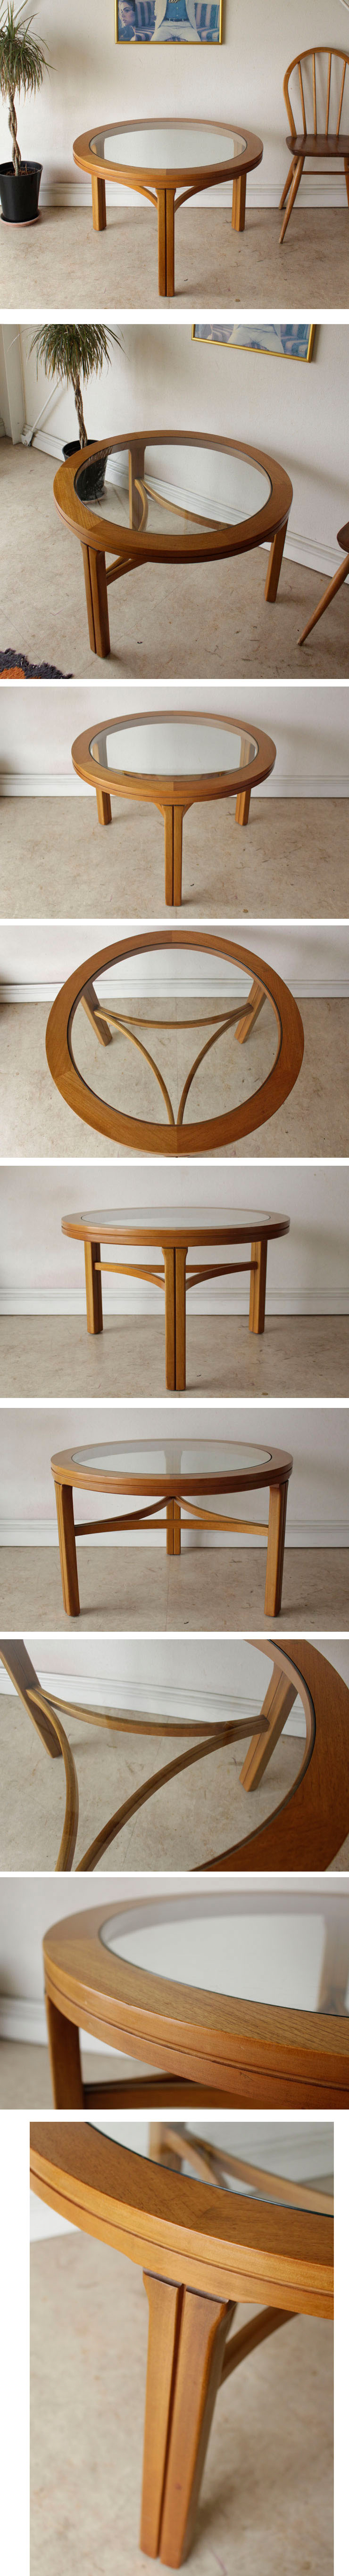 イギリス製NATHANネイサン・ビンテージコーヒーテーブル【ガラス】チーク/ミッドセンチュリー